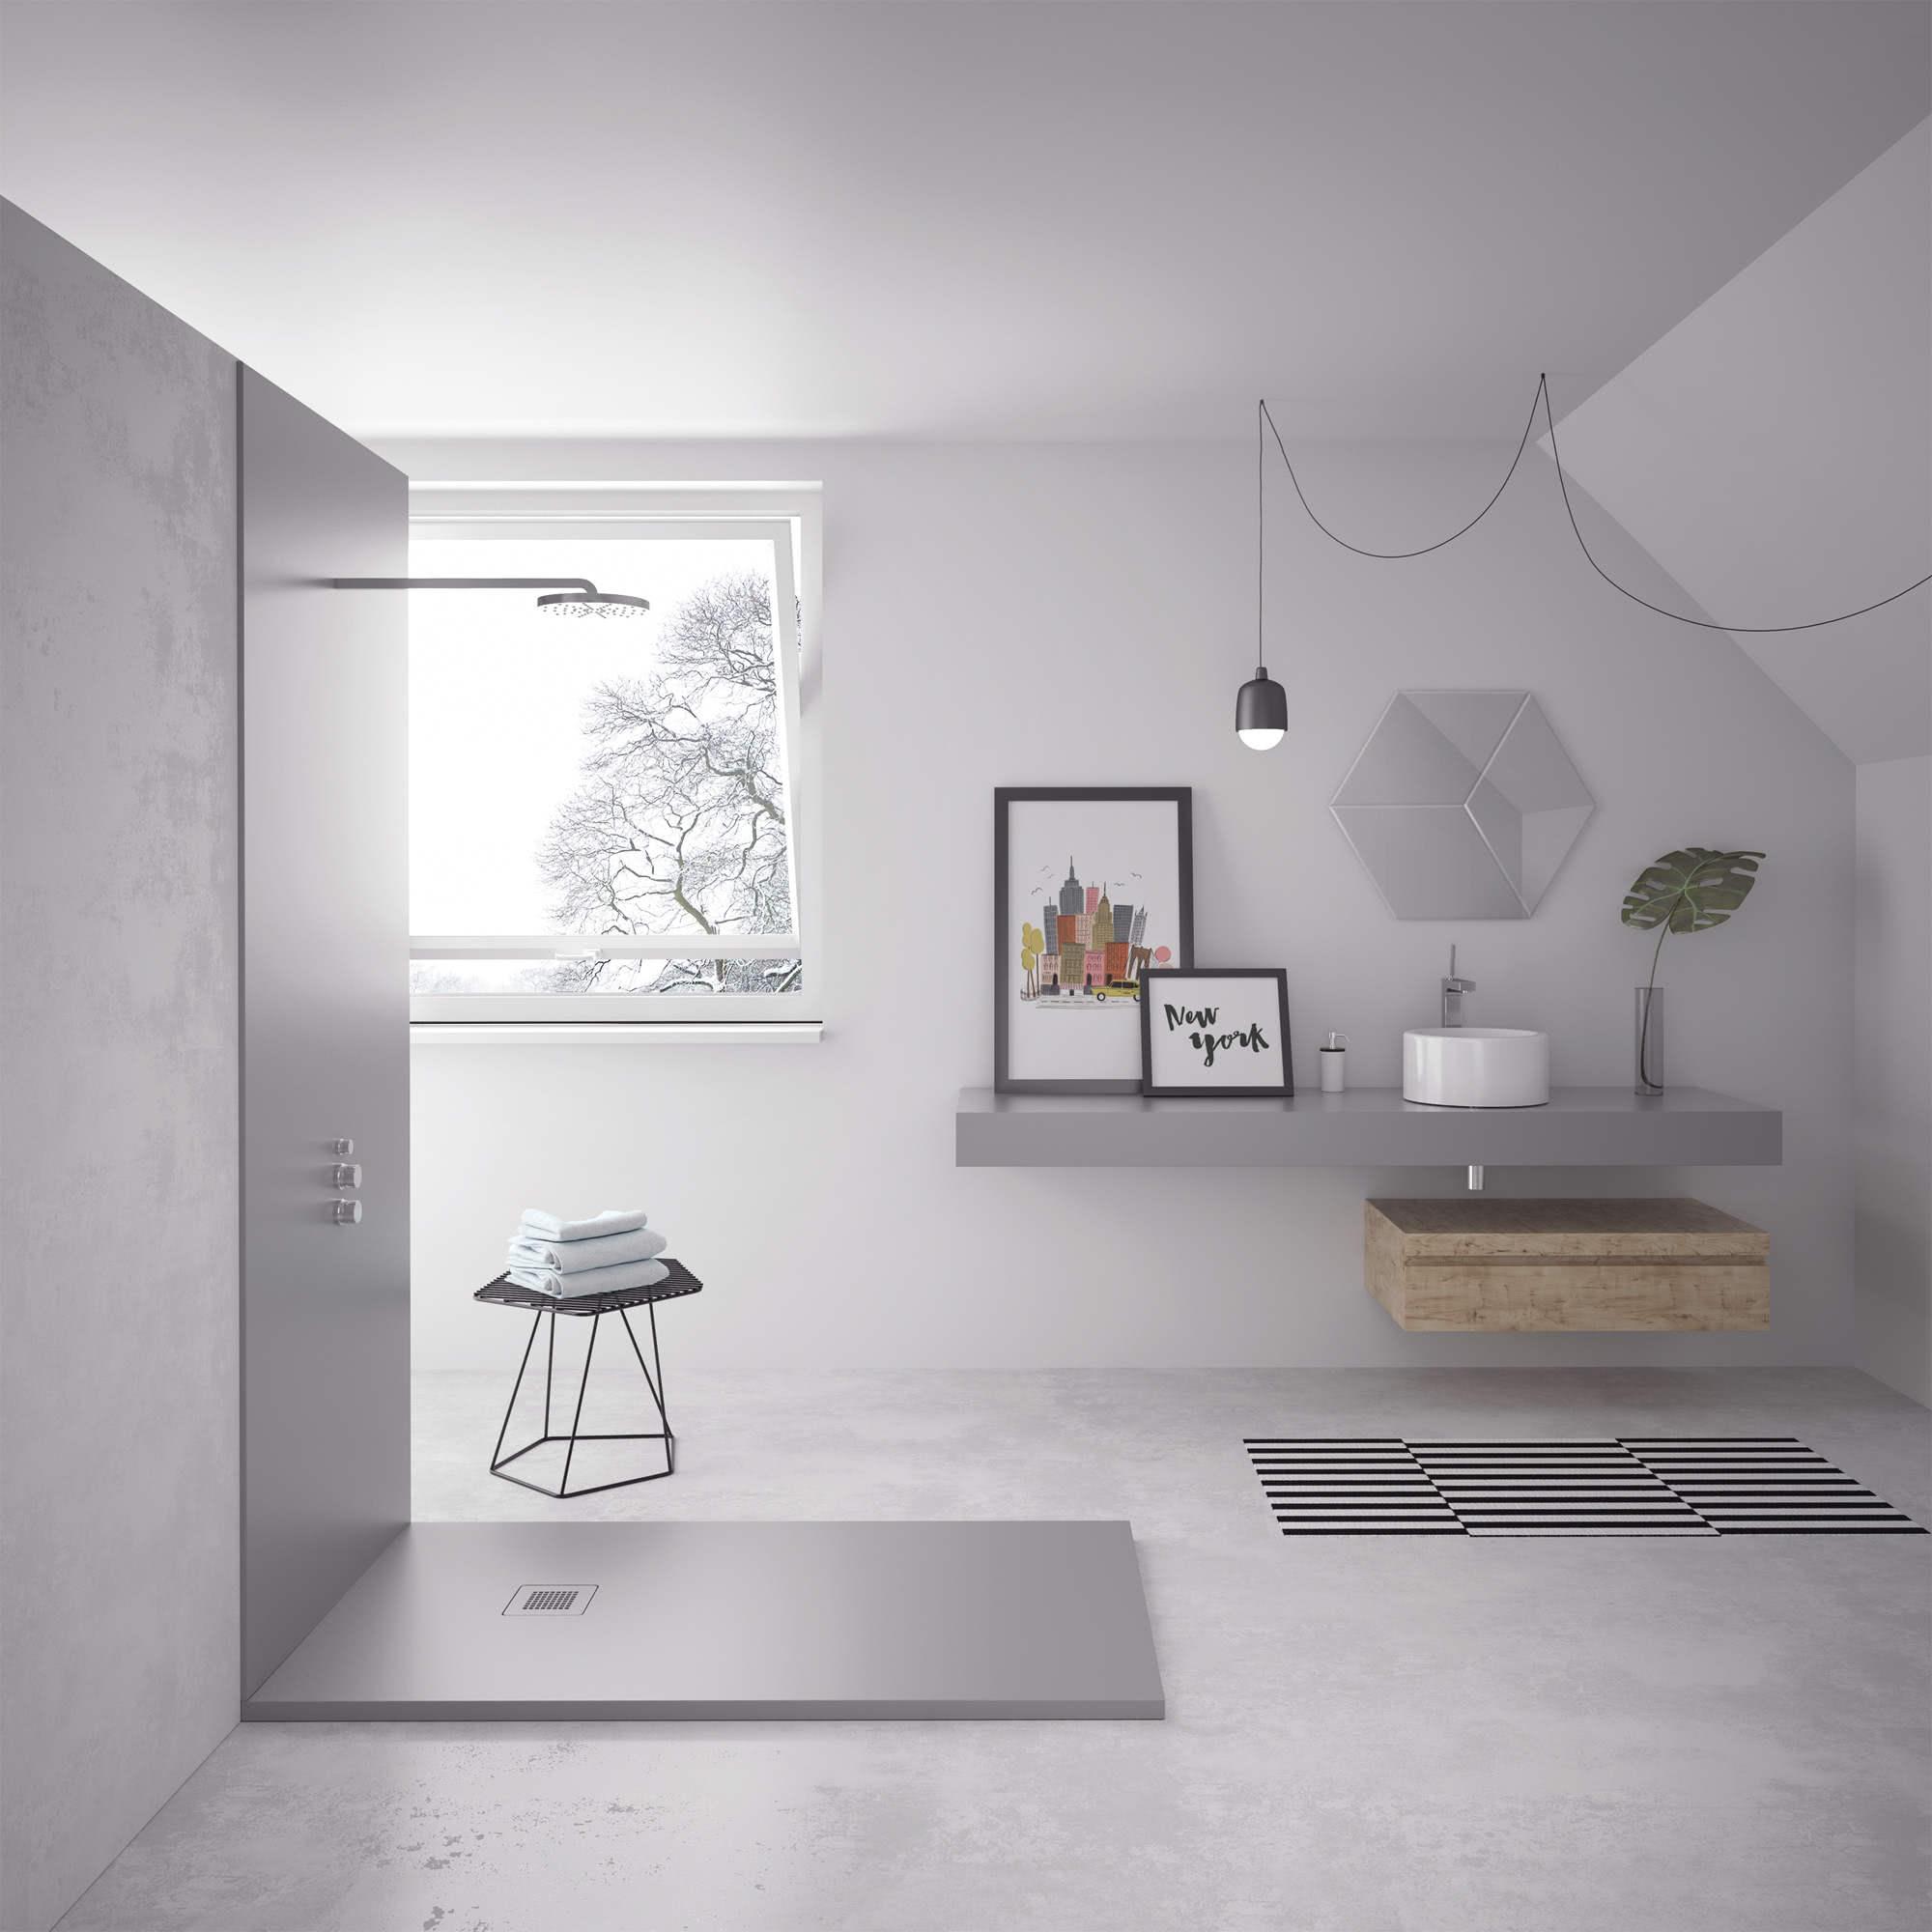 Muebles de ba o sanitarios y accesorios acana interiorismo - Acana interiorismo ...